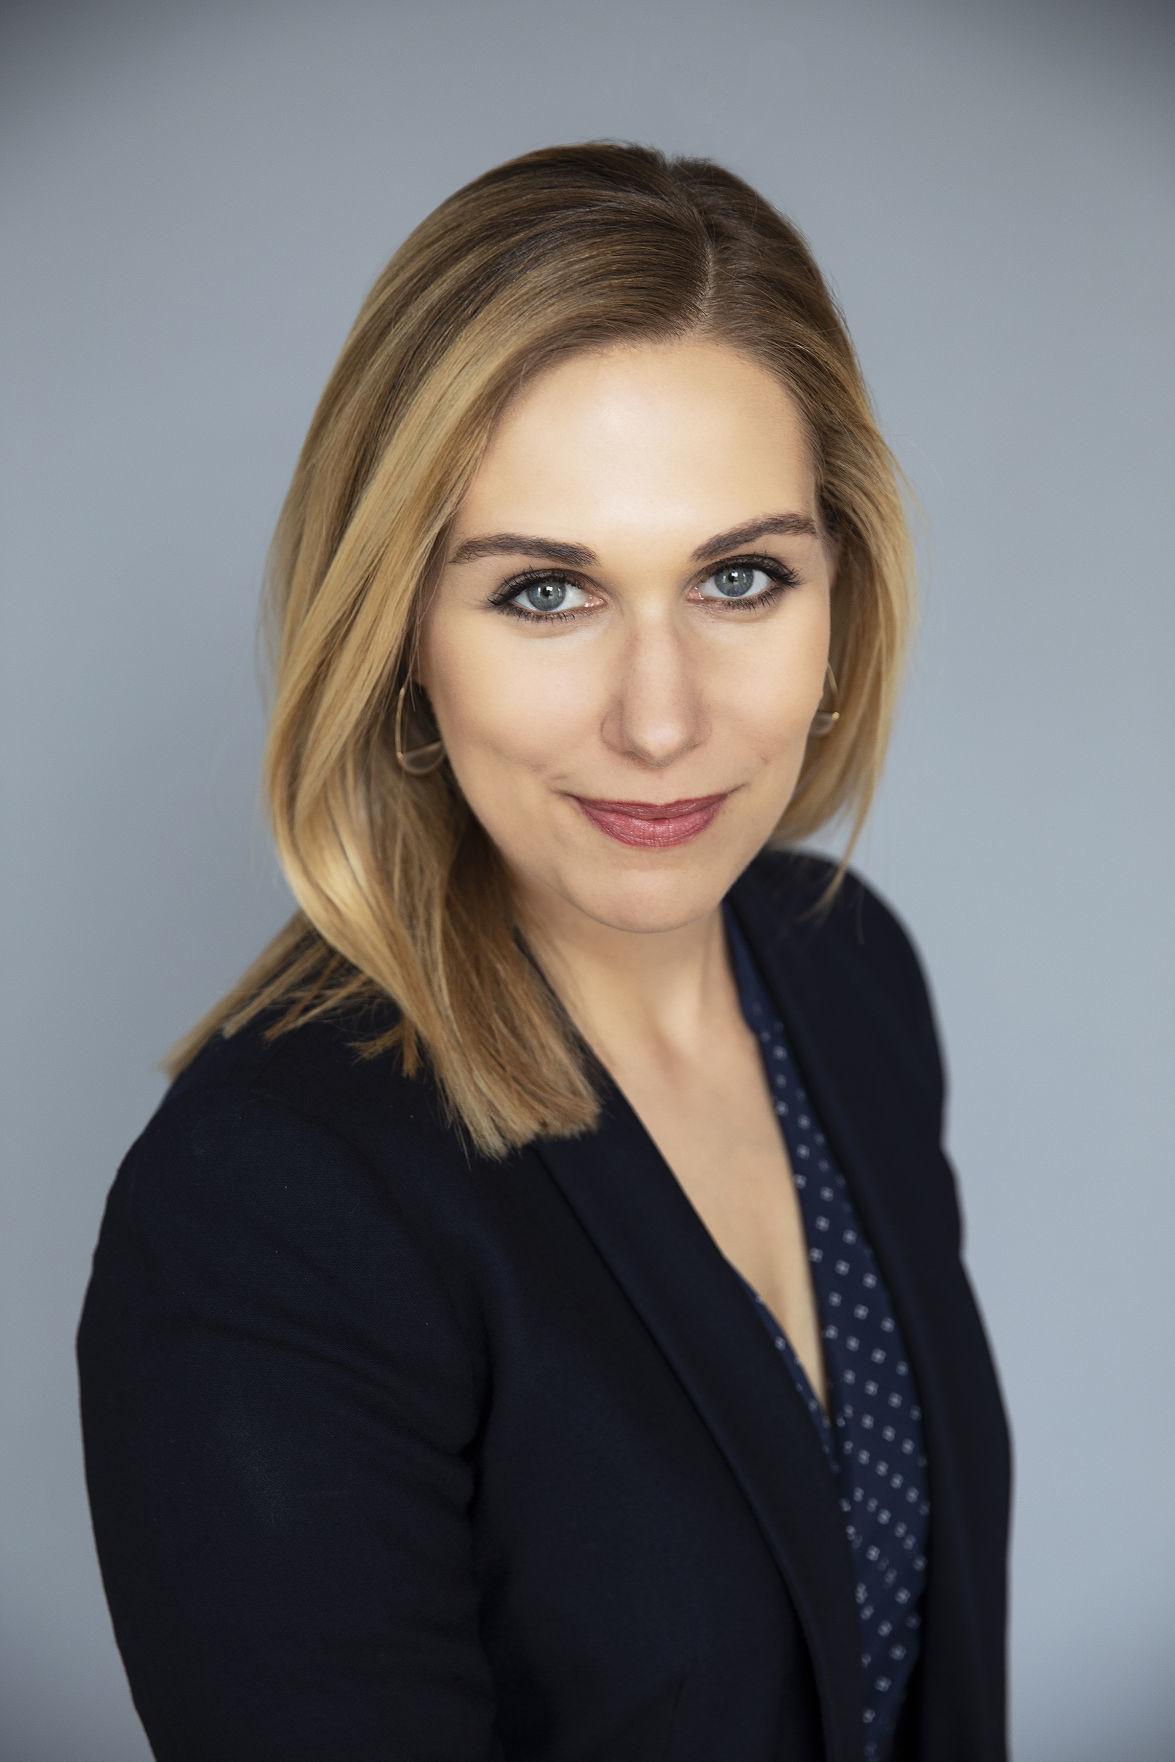 Jessica Janssen Wolford